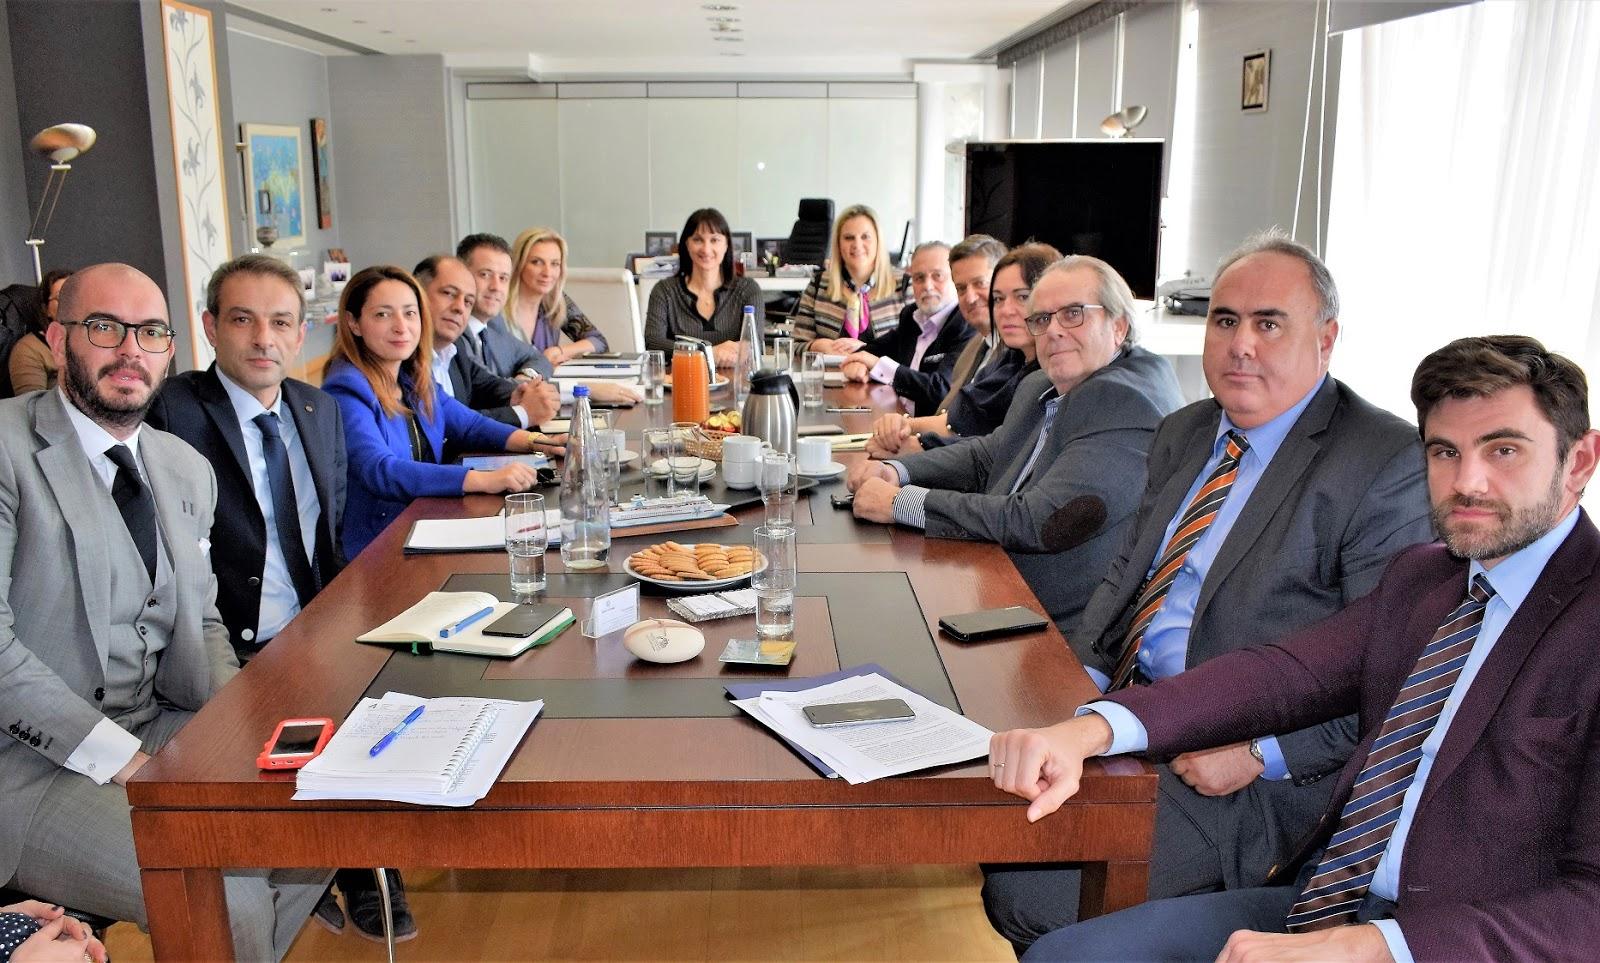 Συνάντηση Εργασίας της Υπουργού Τουρισμού Έλενας Κουντουρά με το νέο Δ.Σ. της ΠΟΞ  και τον πρόεδρο κ. Γρηγόρη Τάσιο